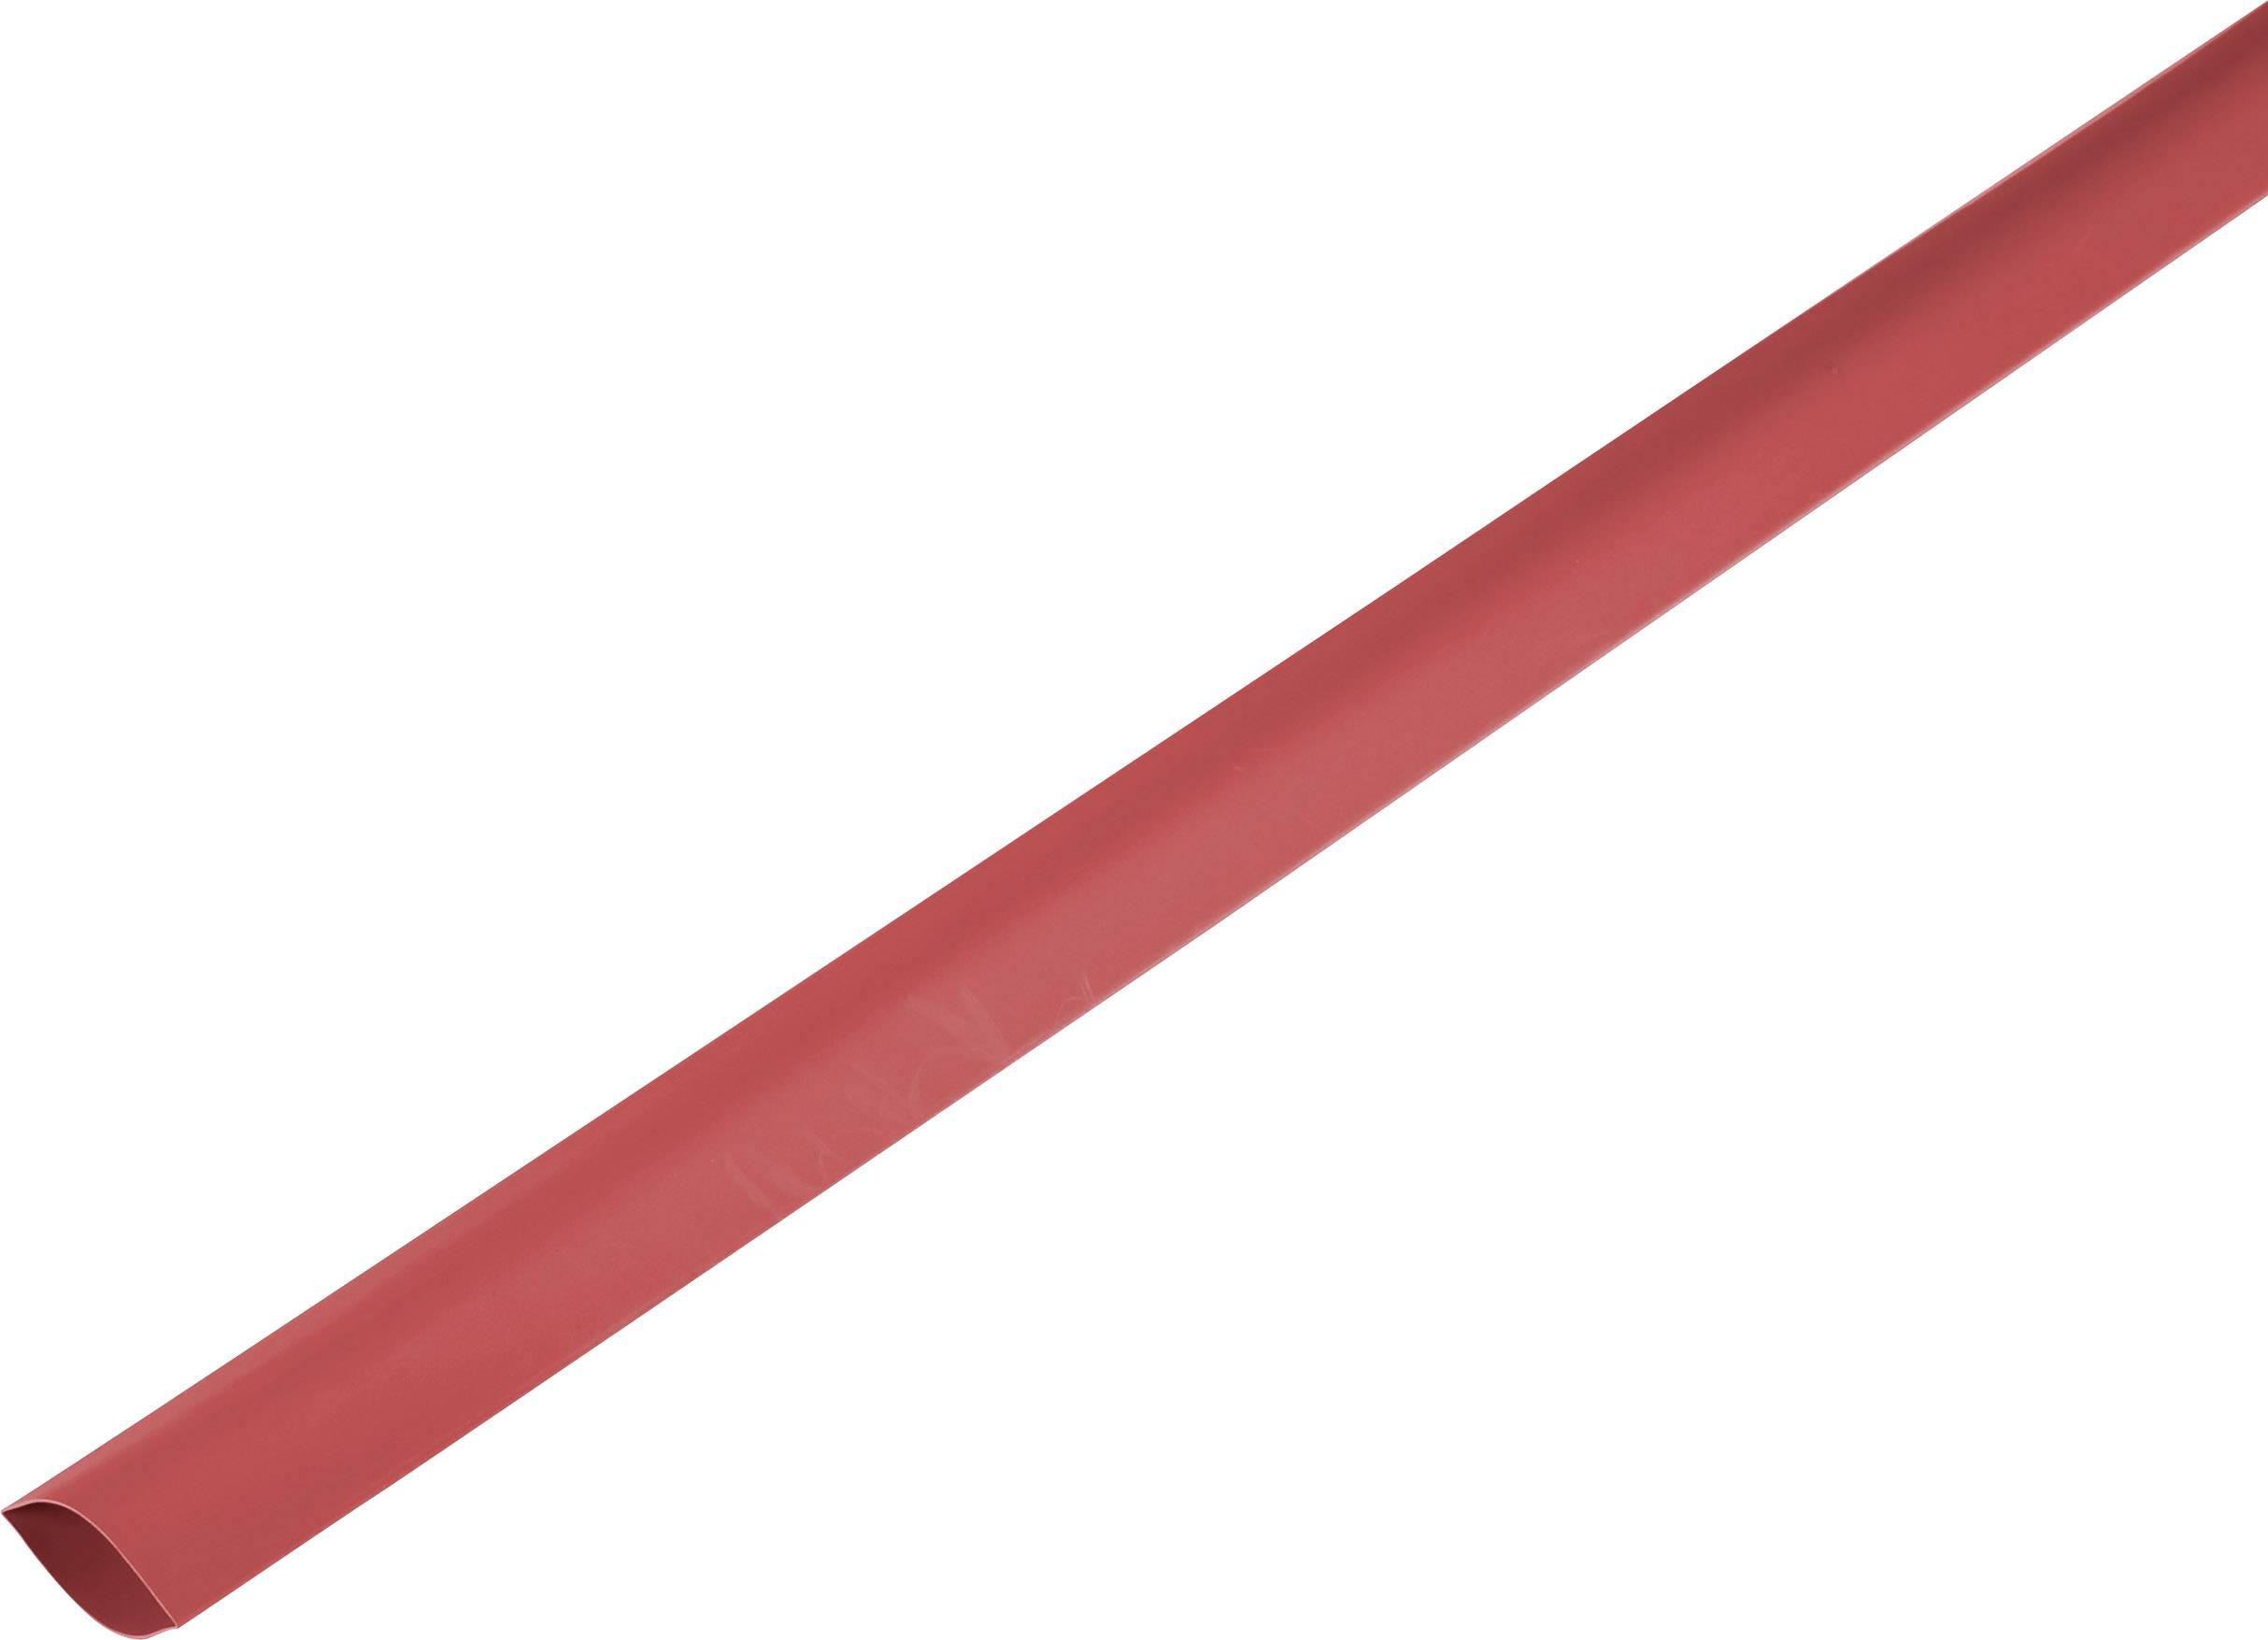 Schrumpfschlauch 2:1 3:1 mit Rot Transparent Schwarz ohne Kleber